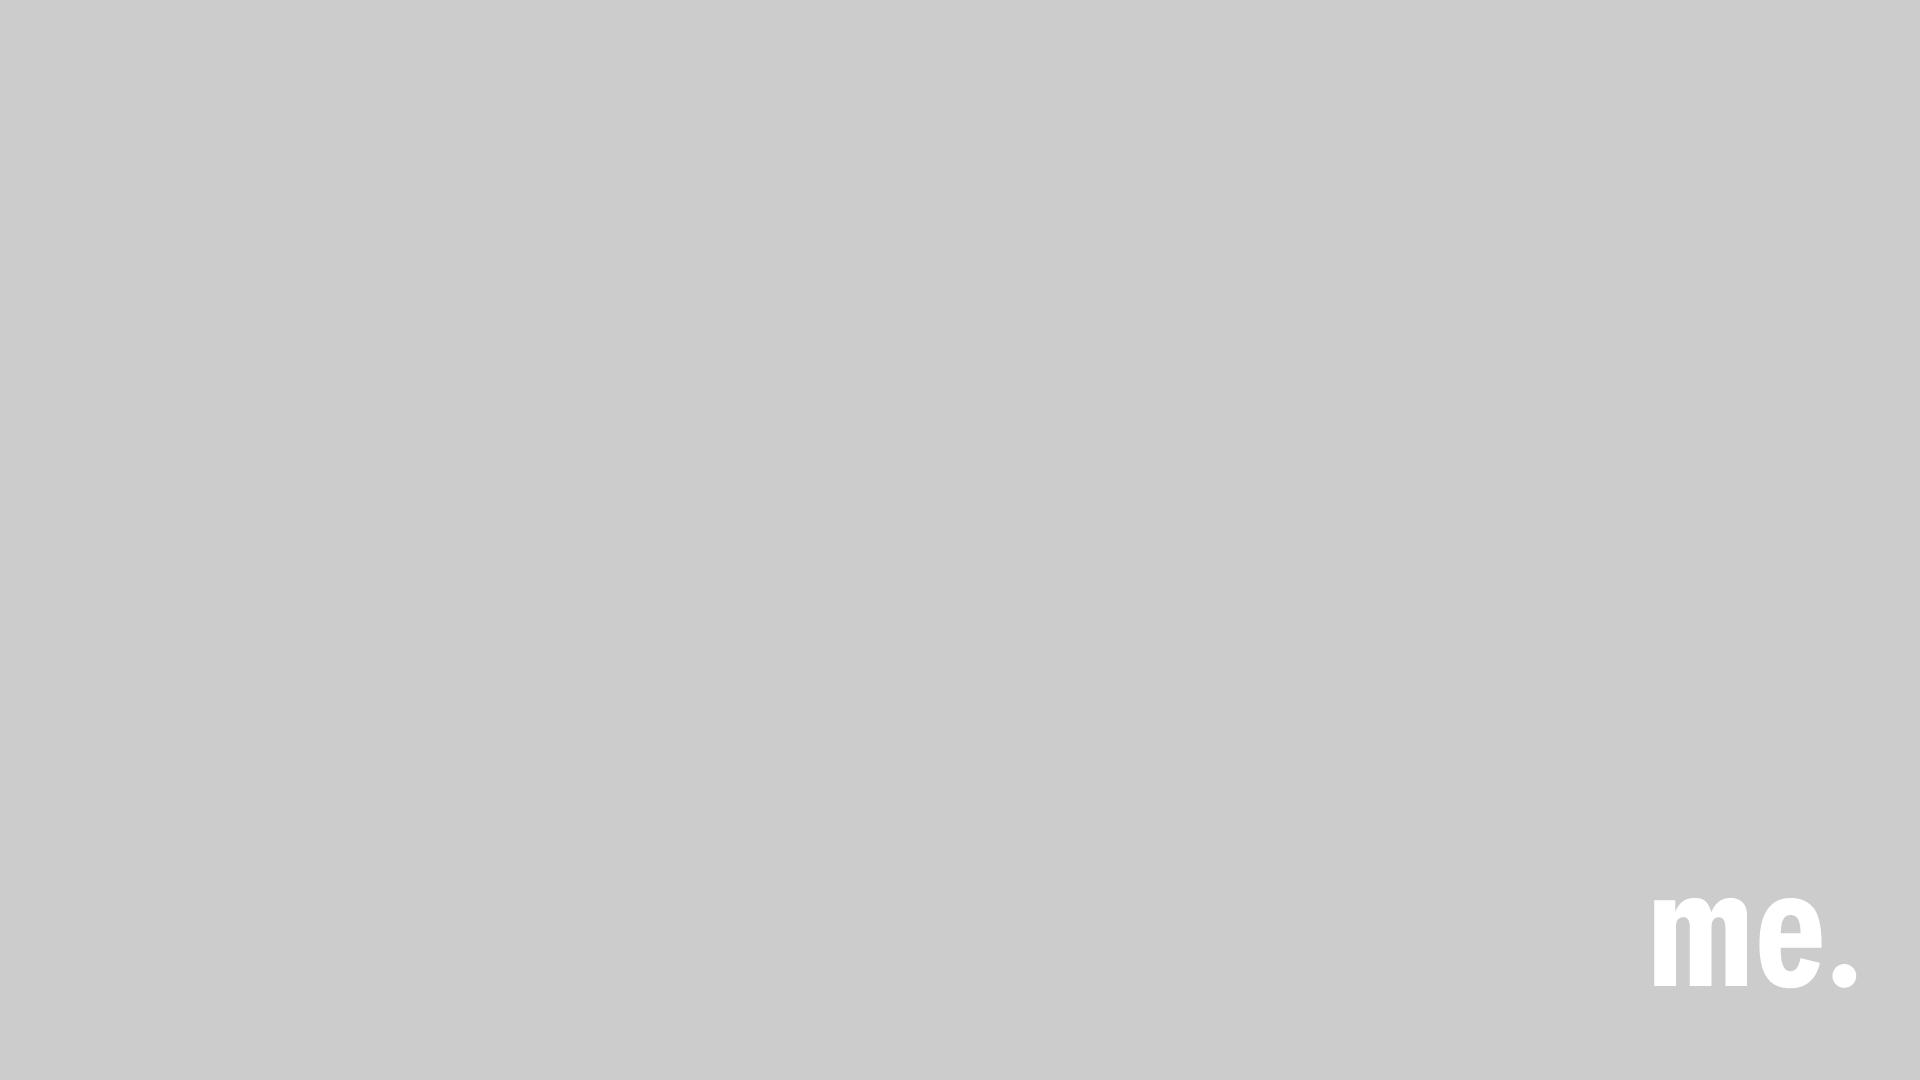 Tja, André Rieu, was soll man dazu sagen? Der holländische Geiger ist auf Platz 10 und nimmt dieses Jahr $46,785,717 ein.